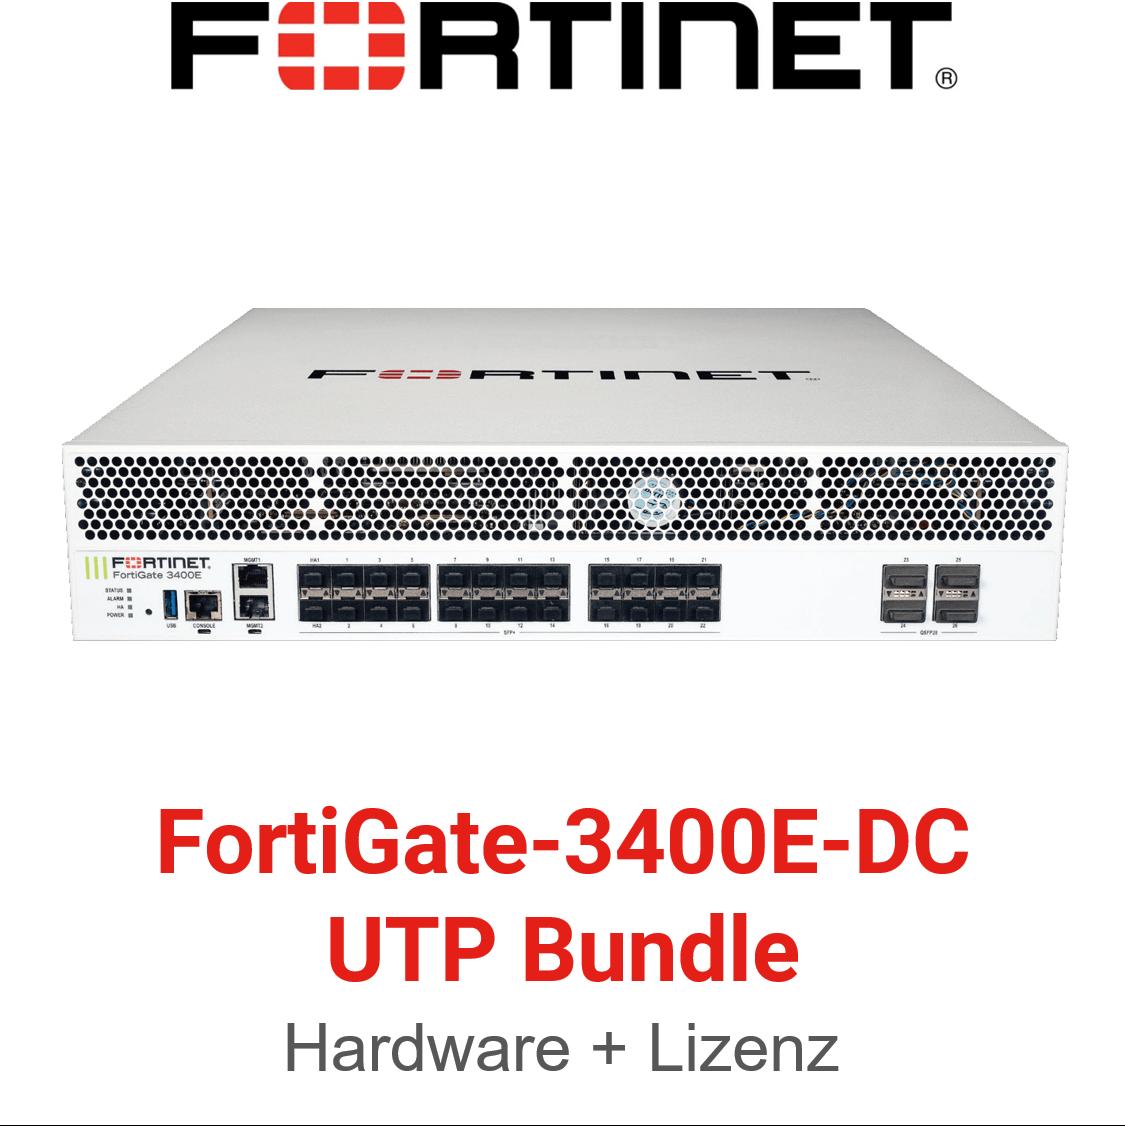 Fortinet FortiGate-3400E-DC - UTM/UTP Bundle (Hardware + Lizenz)